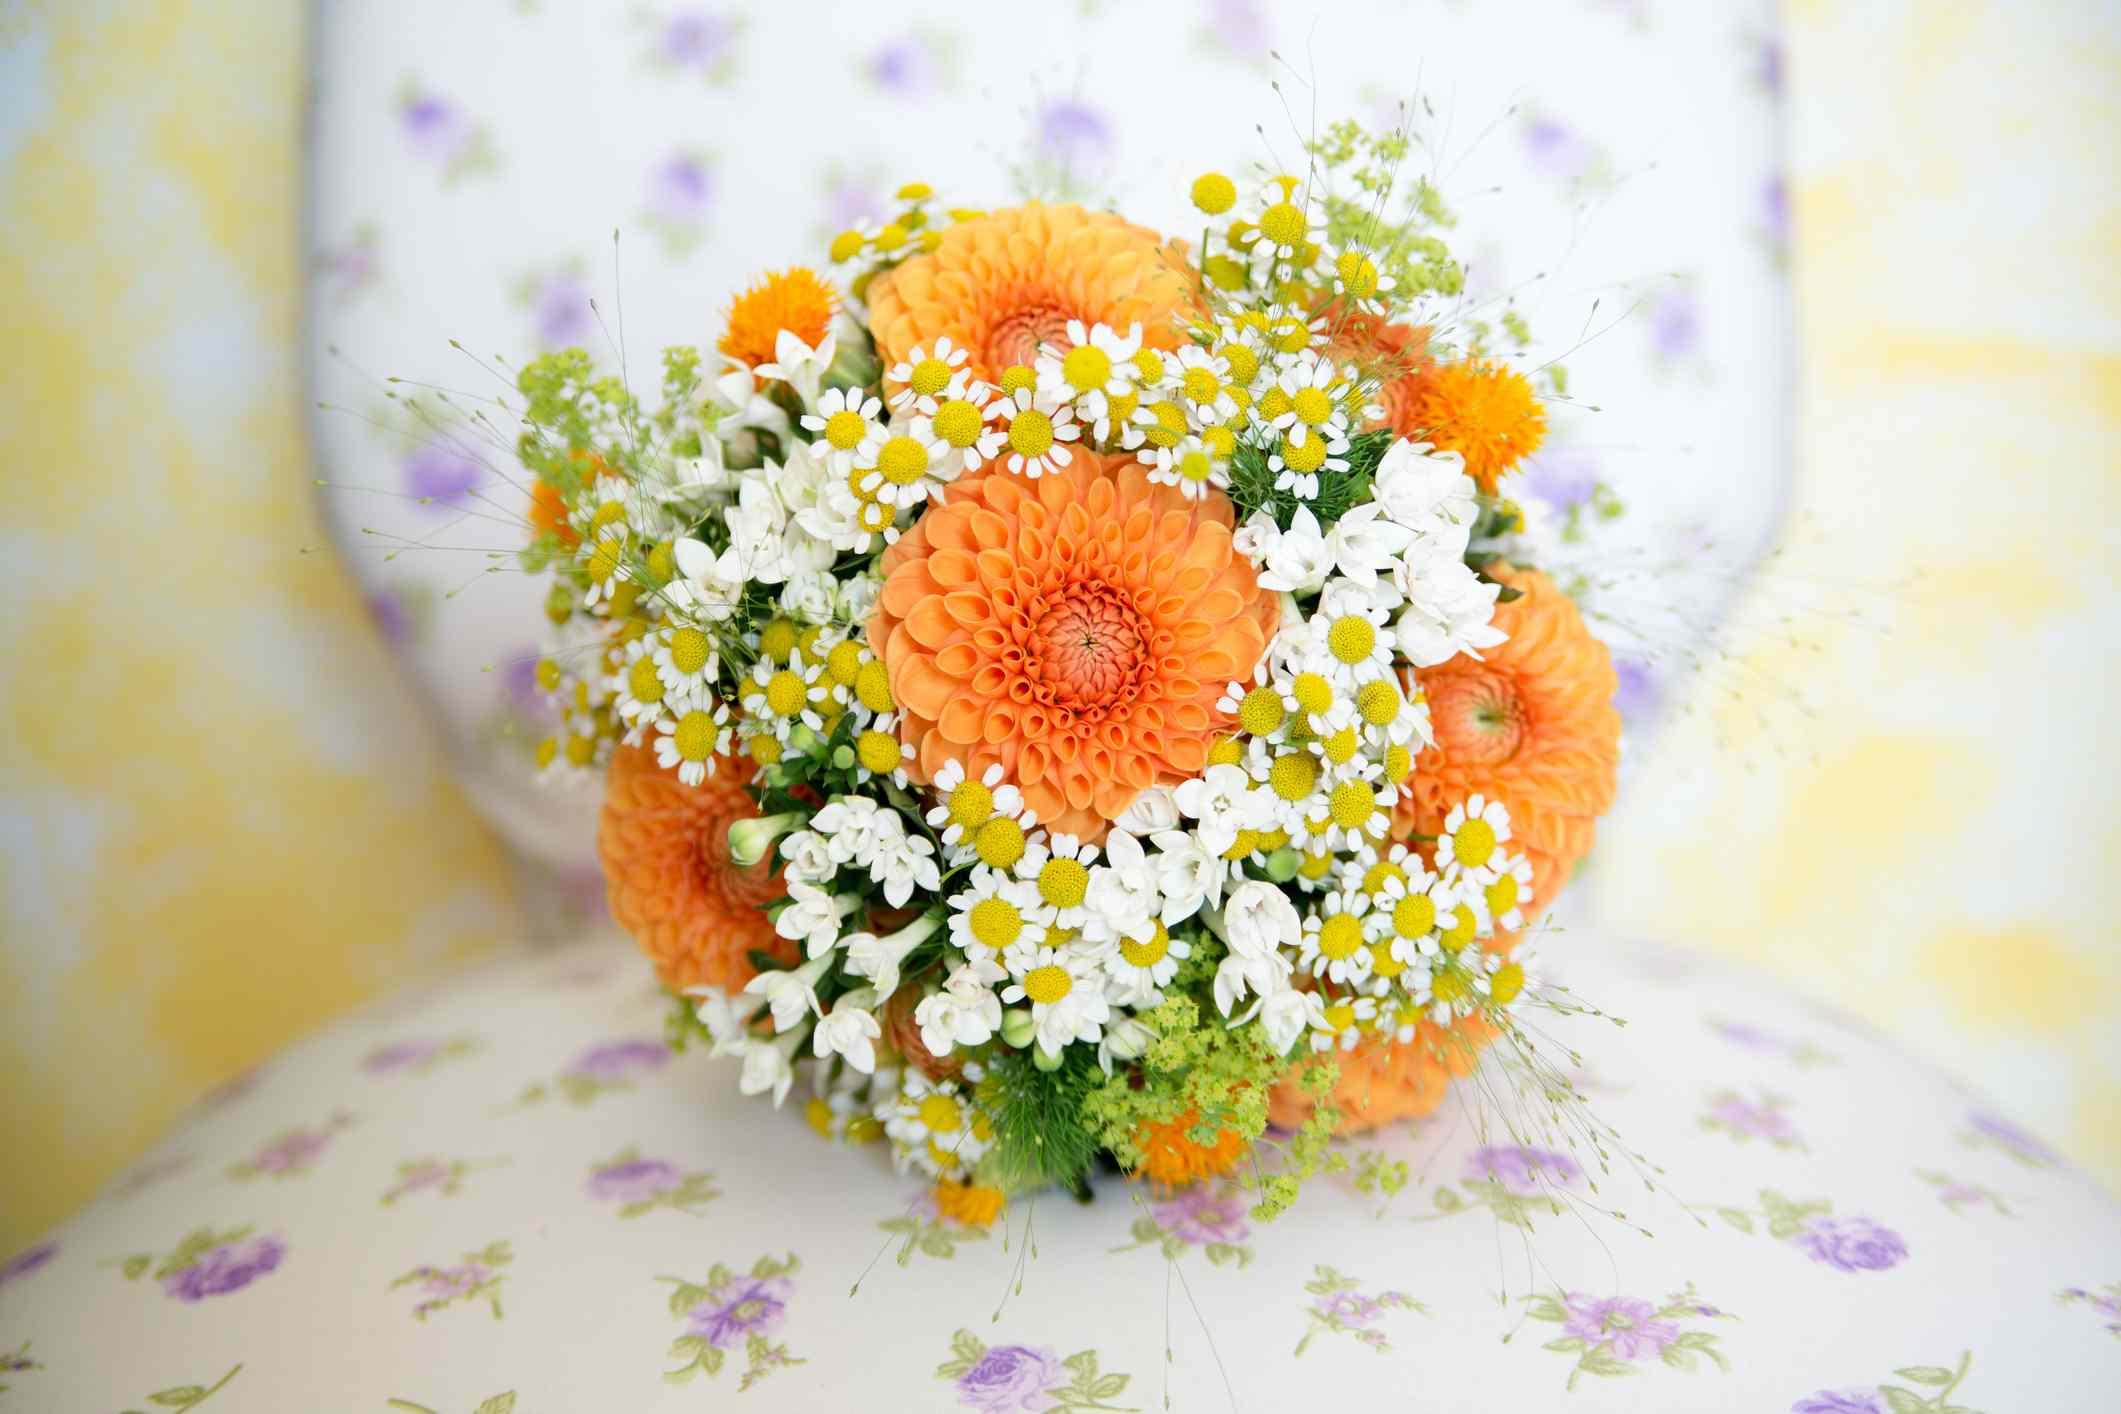 Close up of orange dahlia bouquet